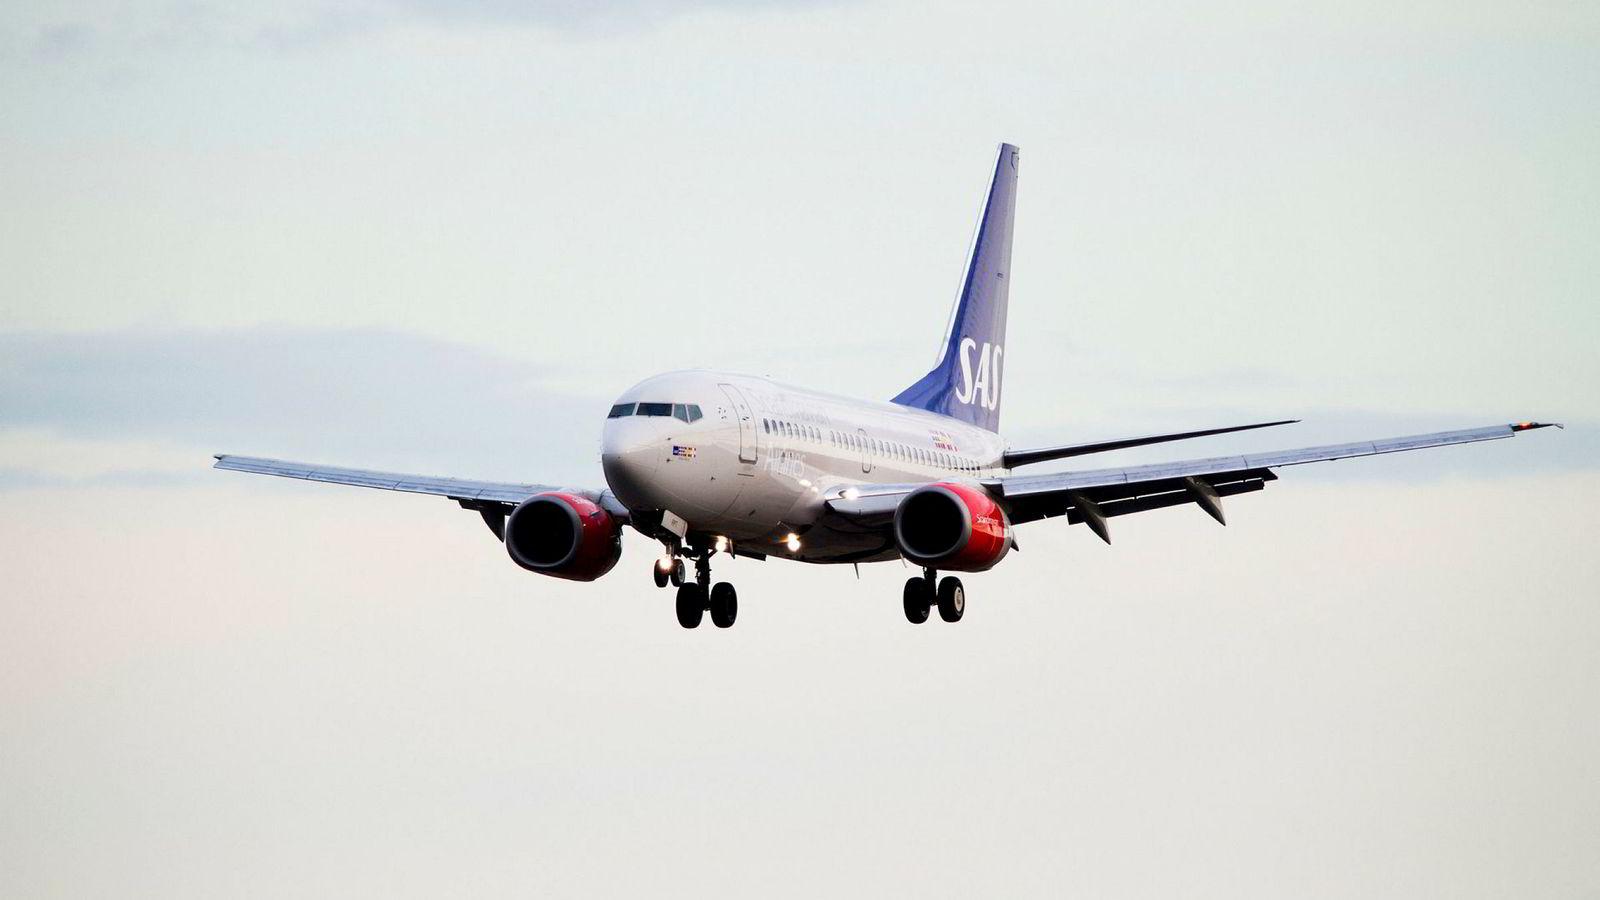 SAS-flyene flyr igjen etter at 1400 piloter i Norge, Sverige og Danmark ble tatt ut i streik i slutten av april.